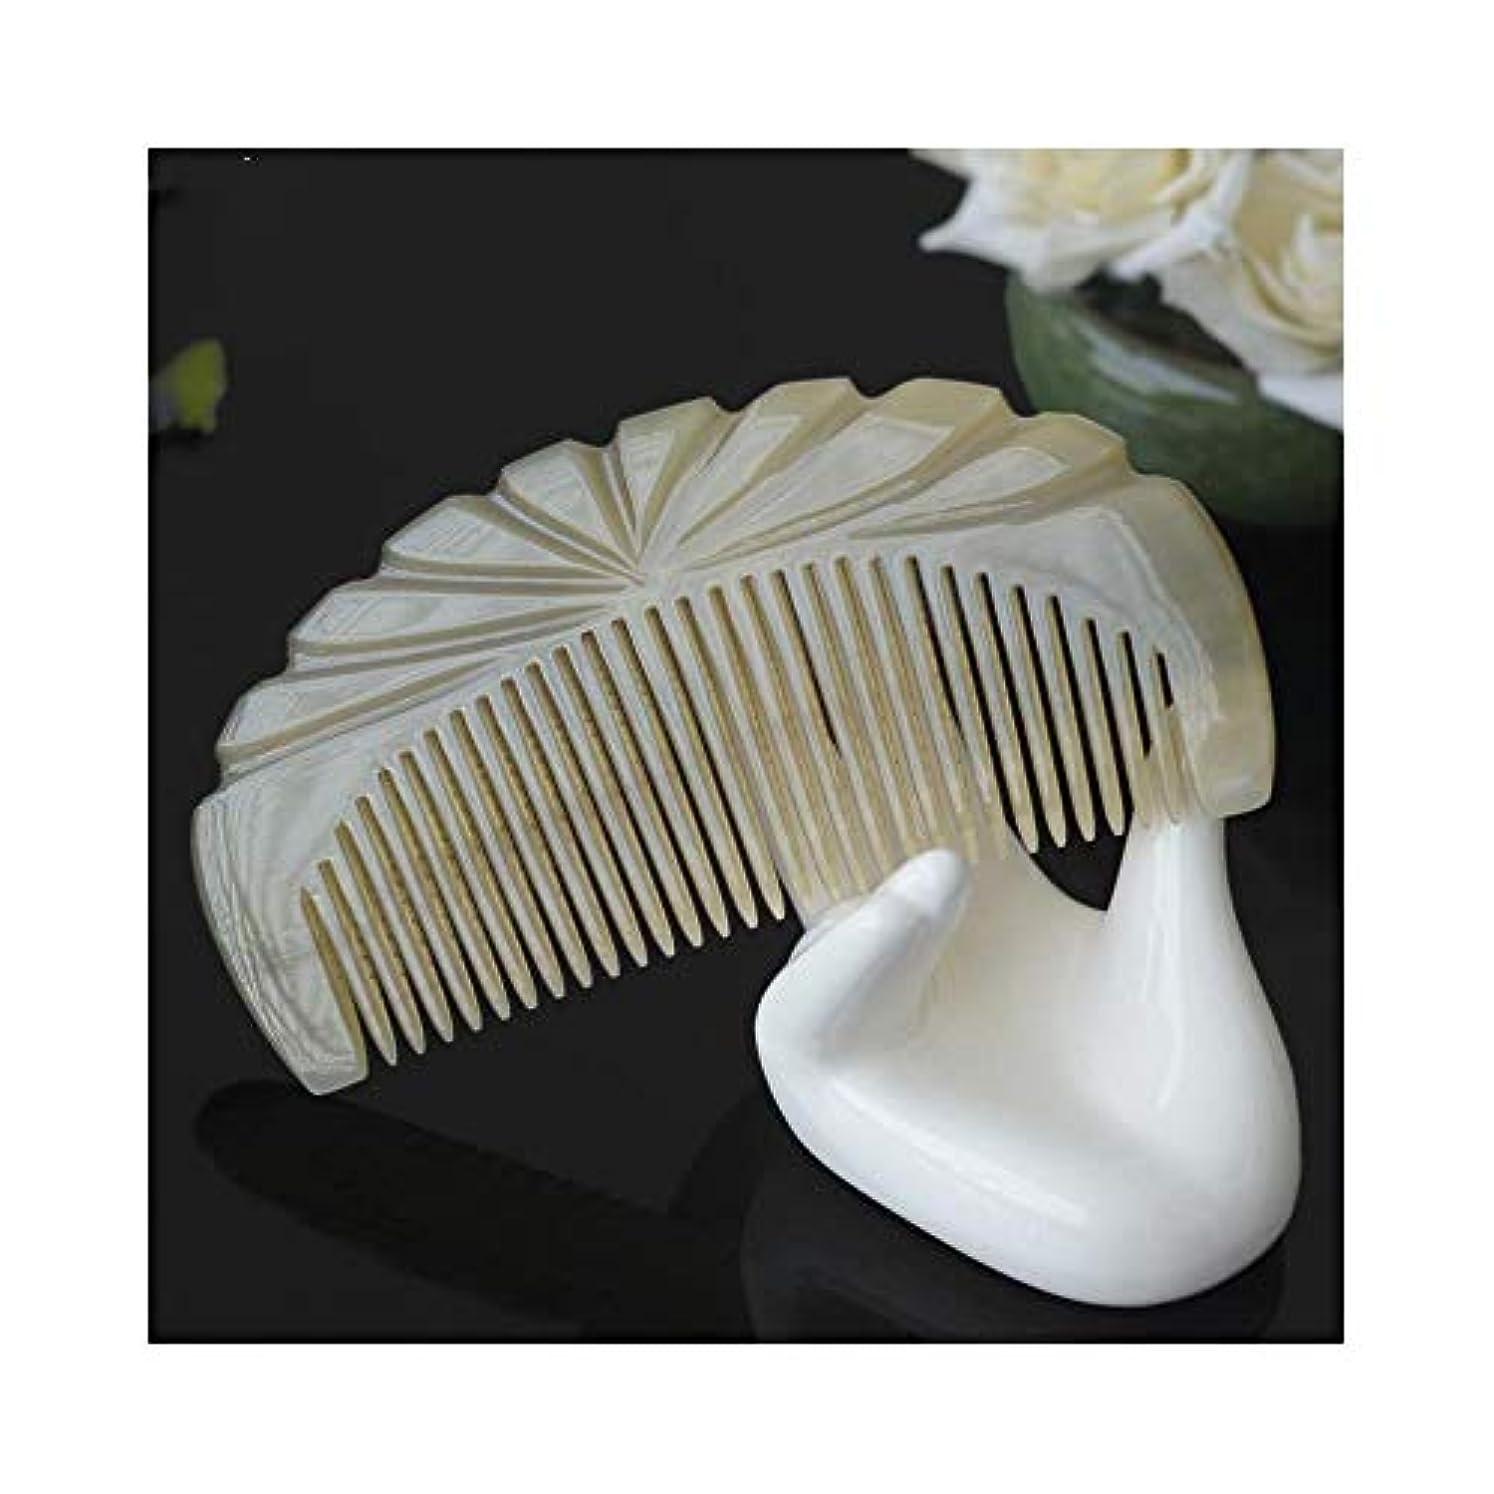 提案一本土WASAIO 毛は自然な木の櫛の毛にブラシをかけます-もつれを解くための自然な帯電防止木